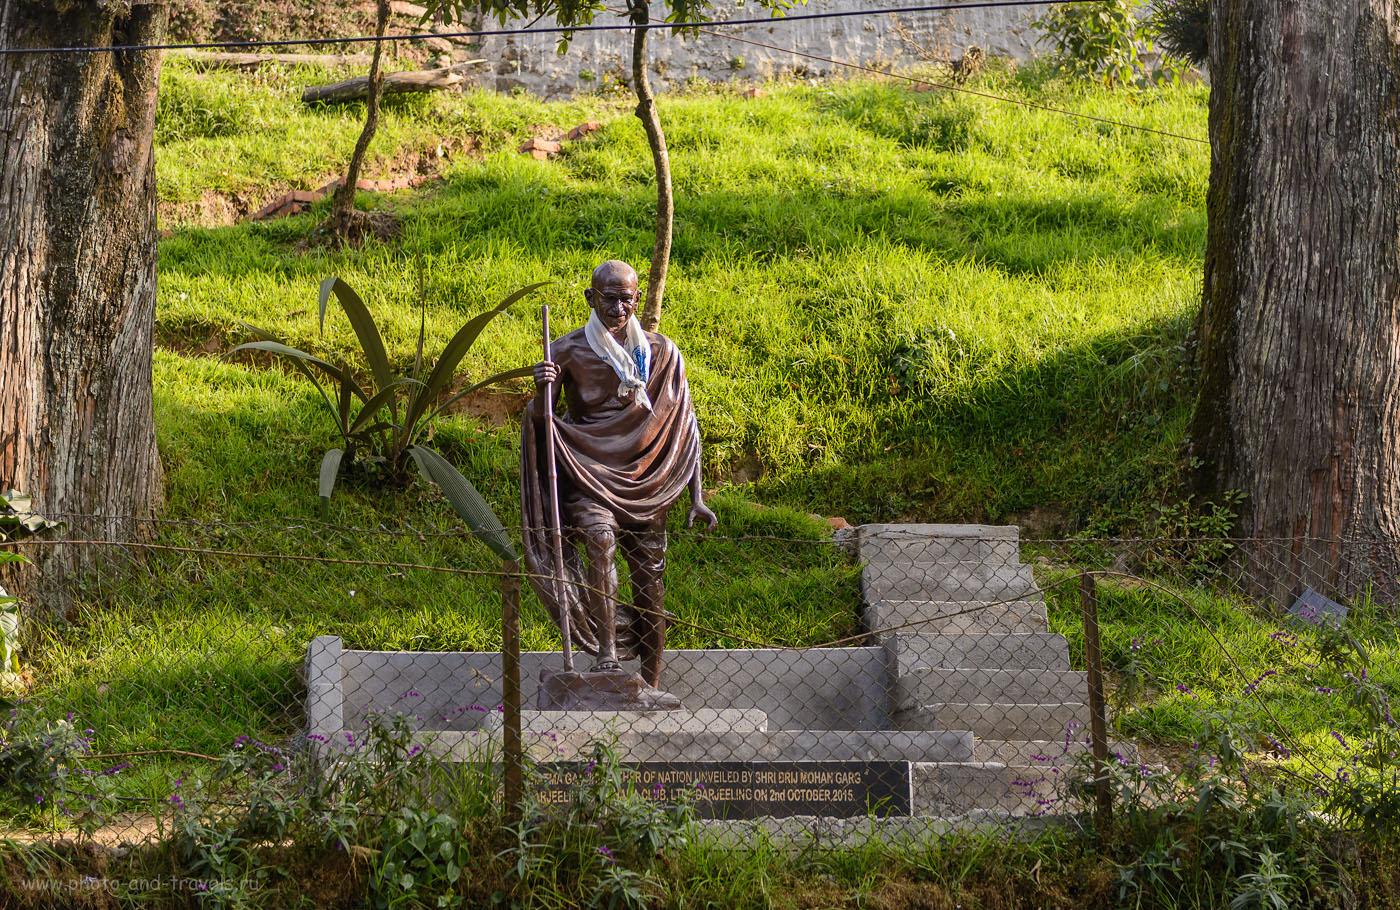 Фотография 6. Самый почитаемый гражданин Индии Моханда́с Карамча́нд «Маха́тма»Га́нди. Его скульптуры вы будете часто встречать во время самостоятельной поездки по стране. 1/400, 2.8, 160, 58.